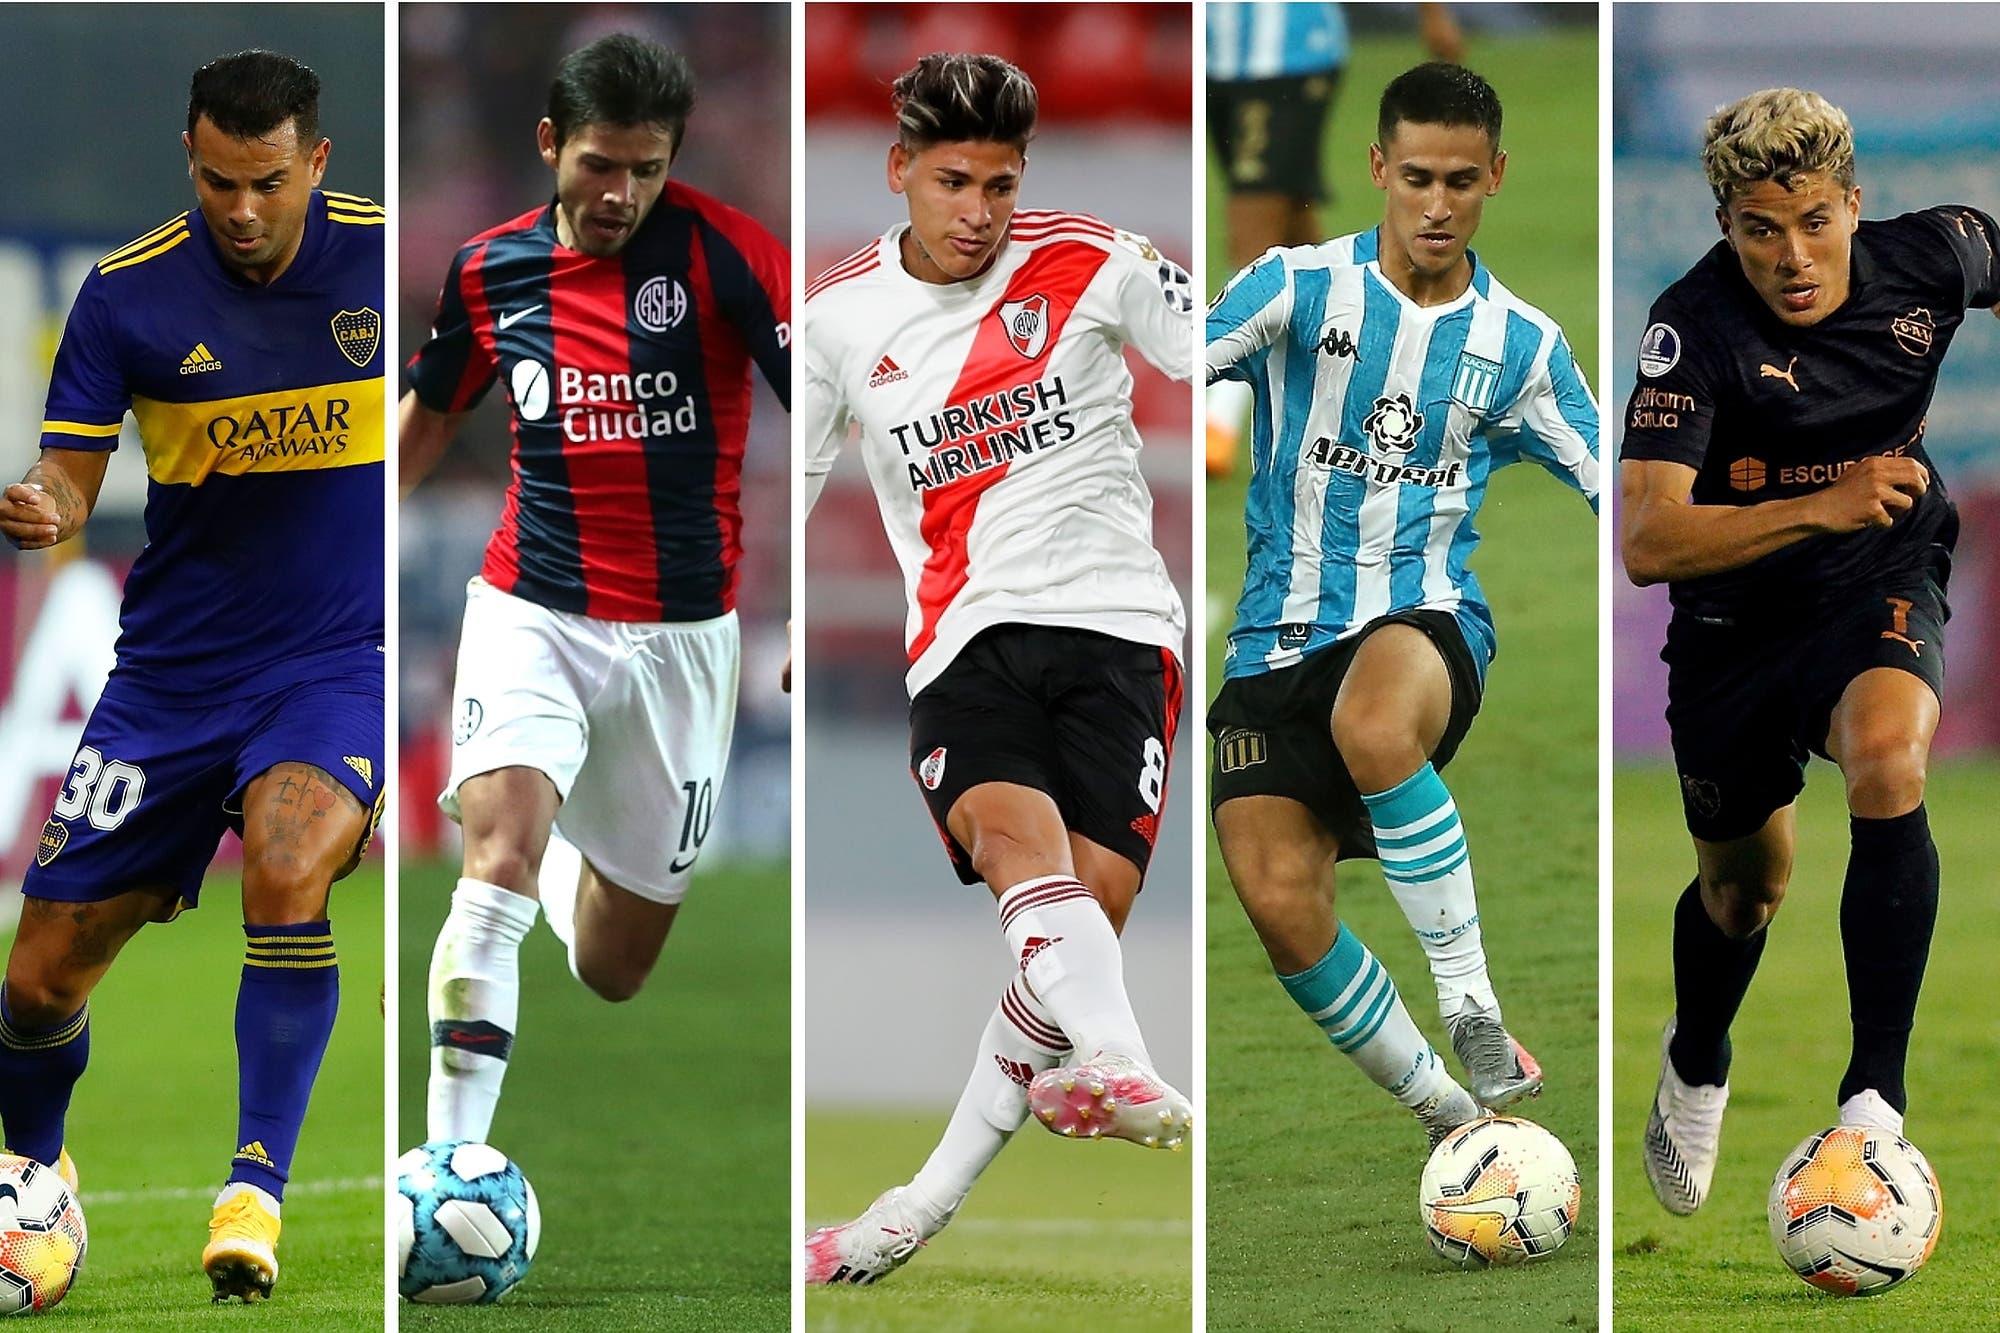 la-crisis-de-los-no-10:-¿que-pasa-con-los-enganches-argentinos-en-la-liga-profesional-2021?